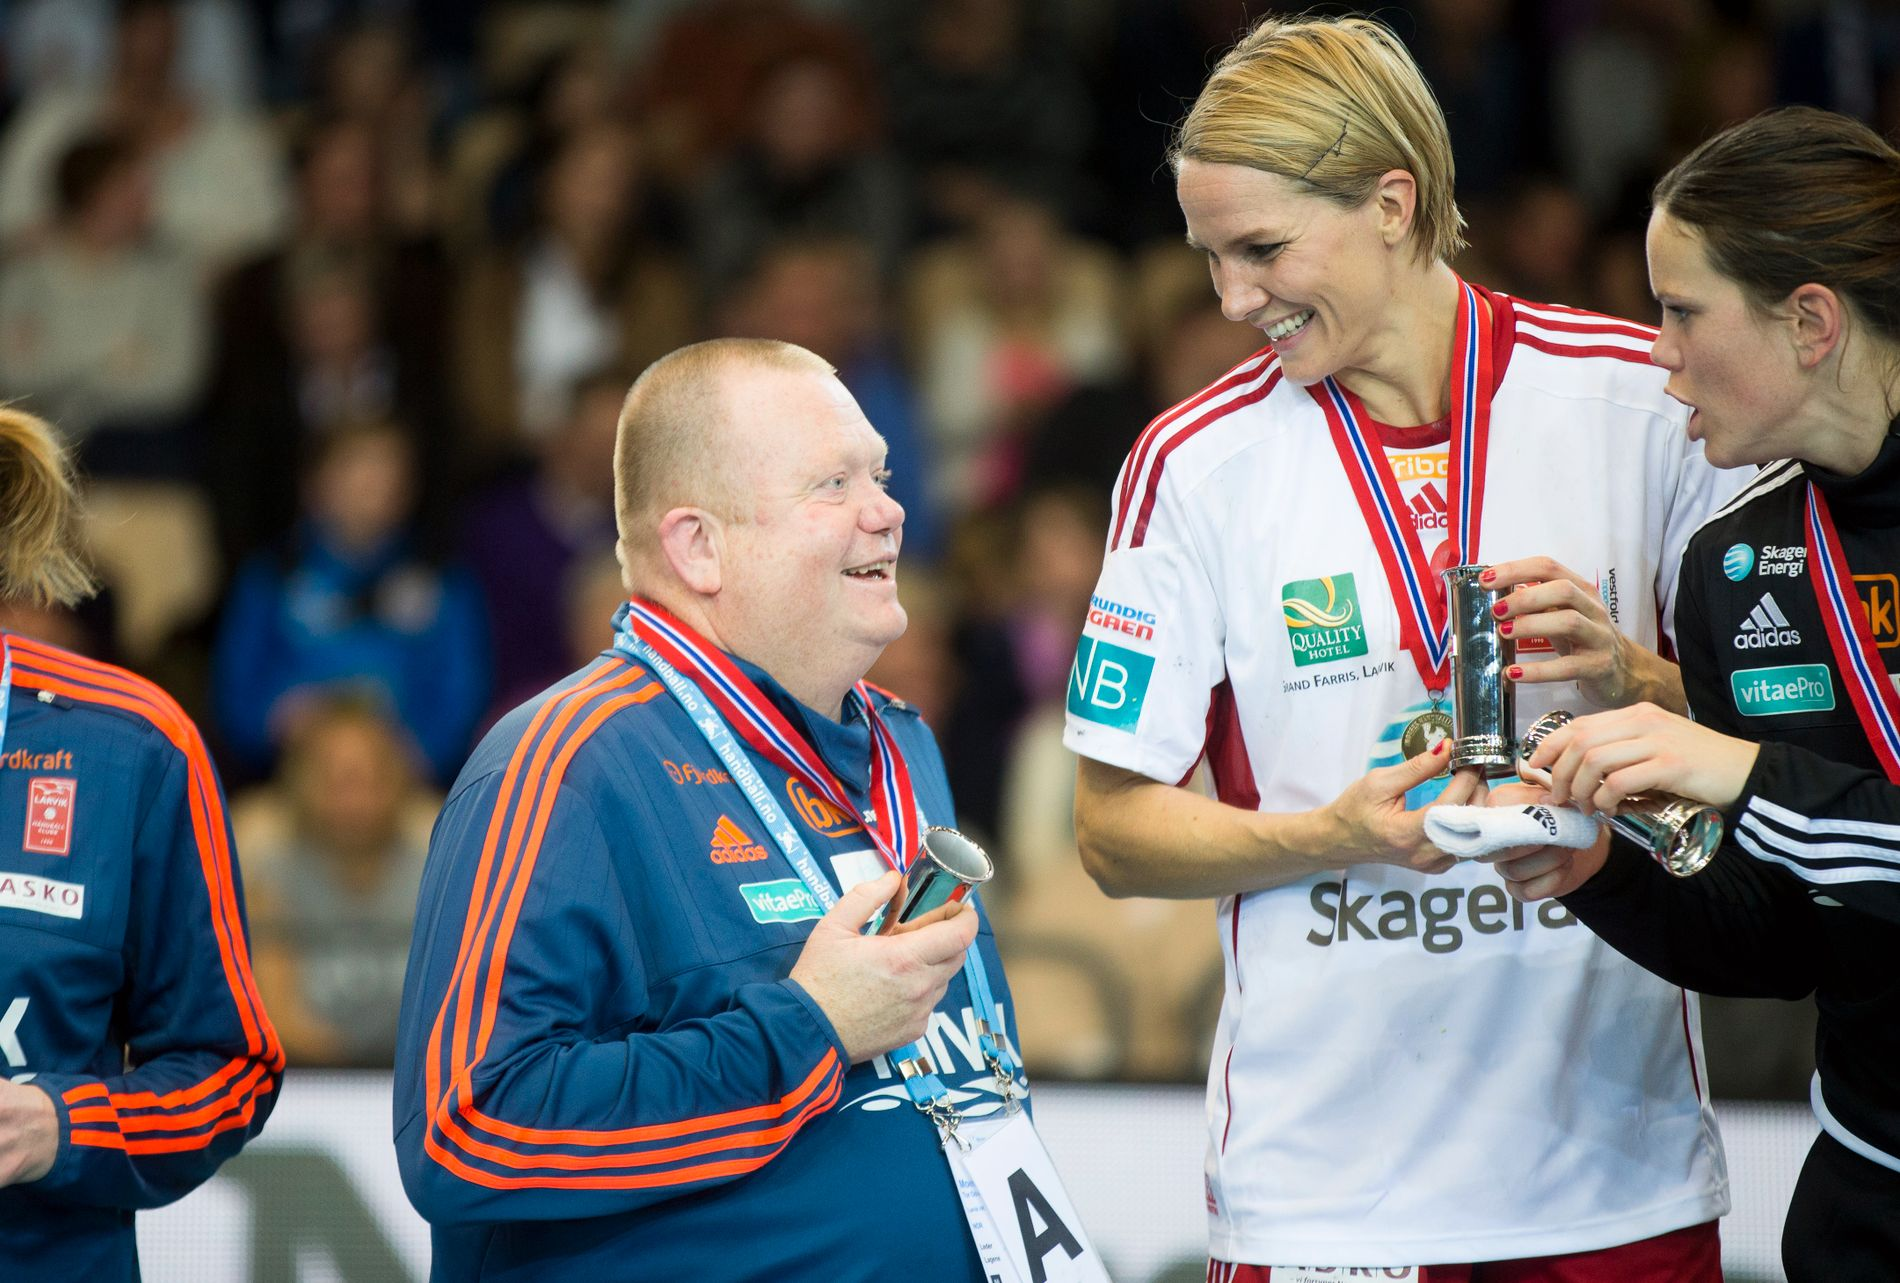 FERDIG: Tor Odvar Moen, Larvik-trener, er ferdig i klubben etter sesongen. Her feirer han et cupgull med Gro Hammerseng-Edin. Hun la opp etter sist sesong.